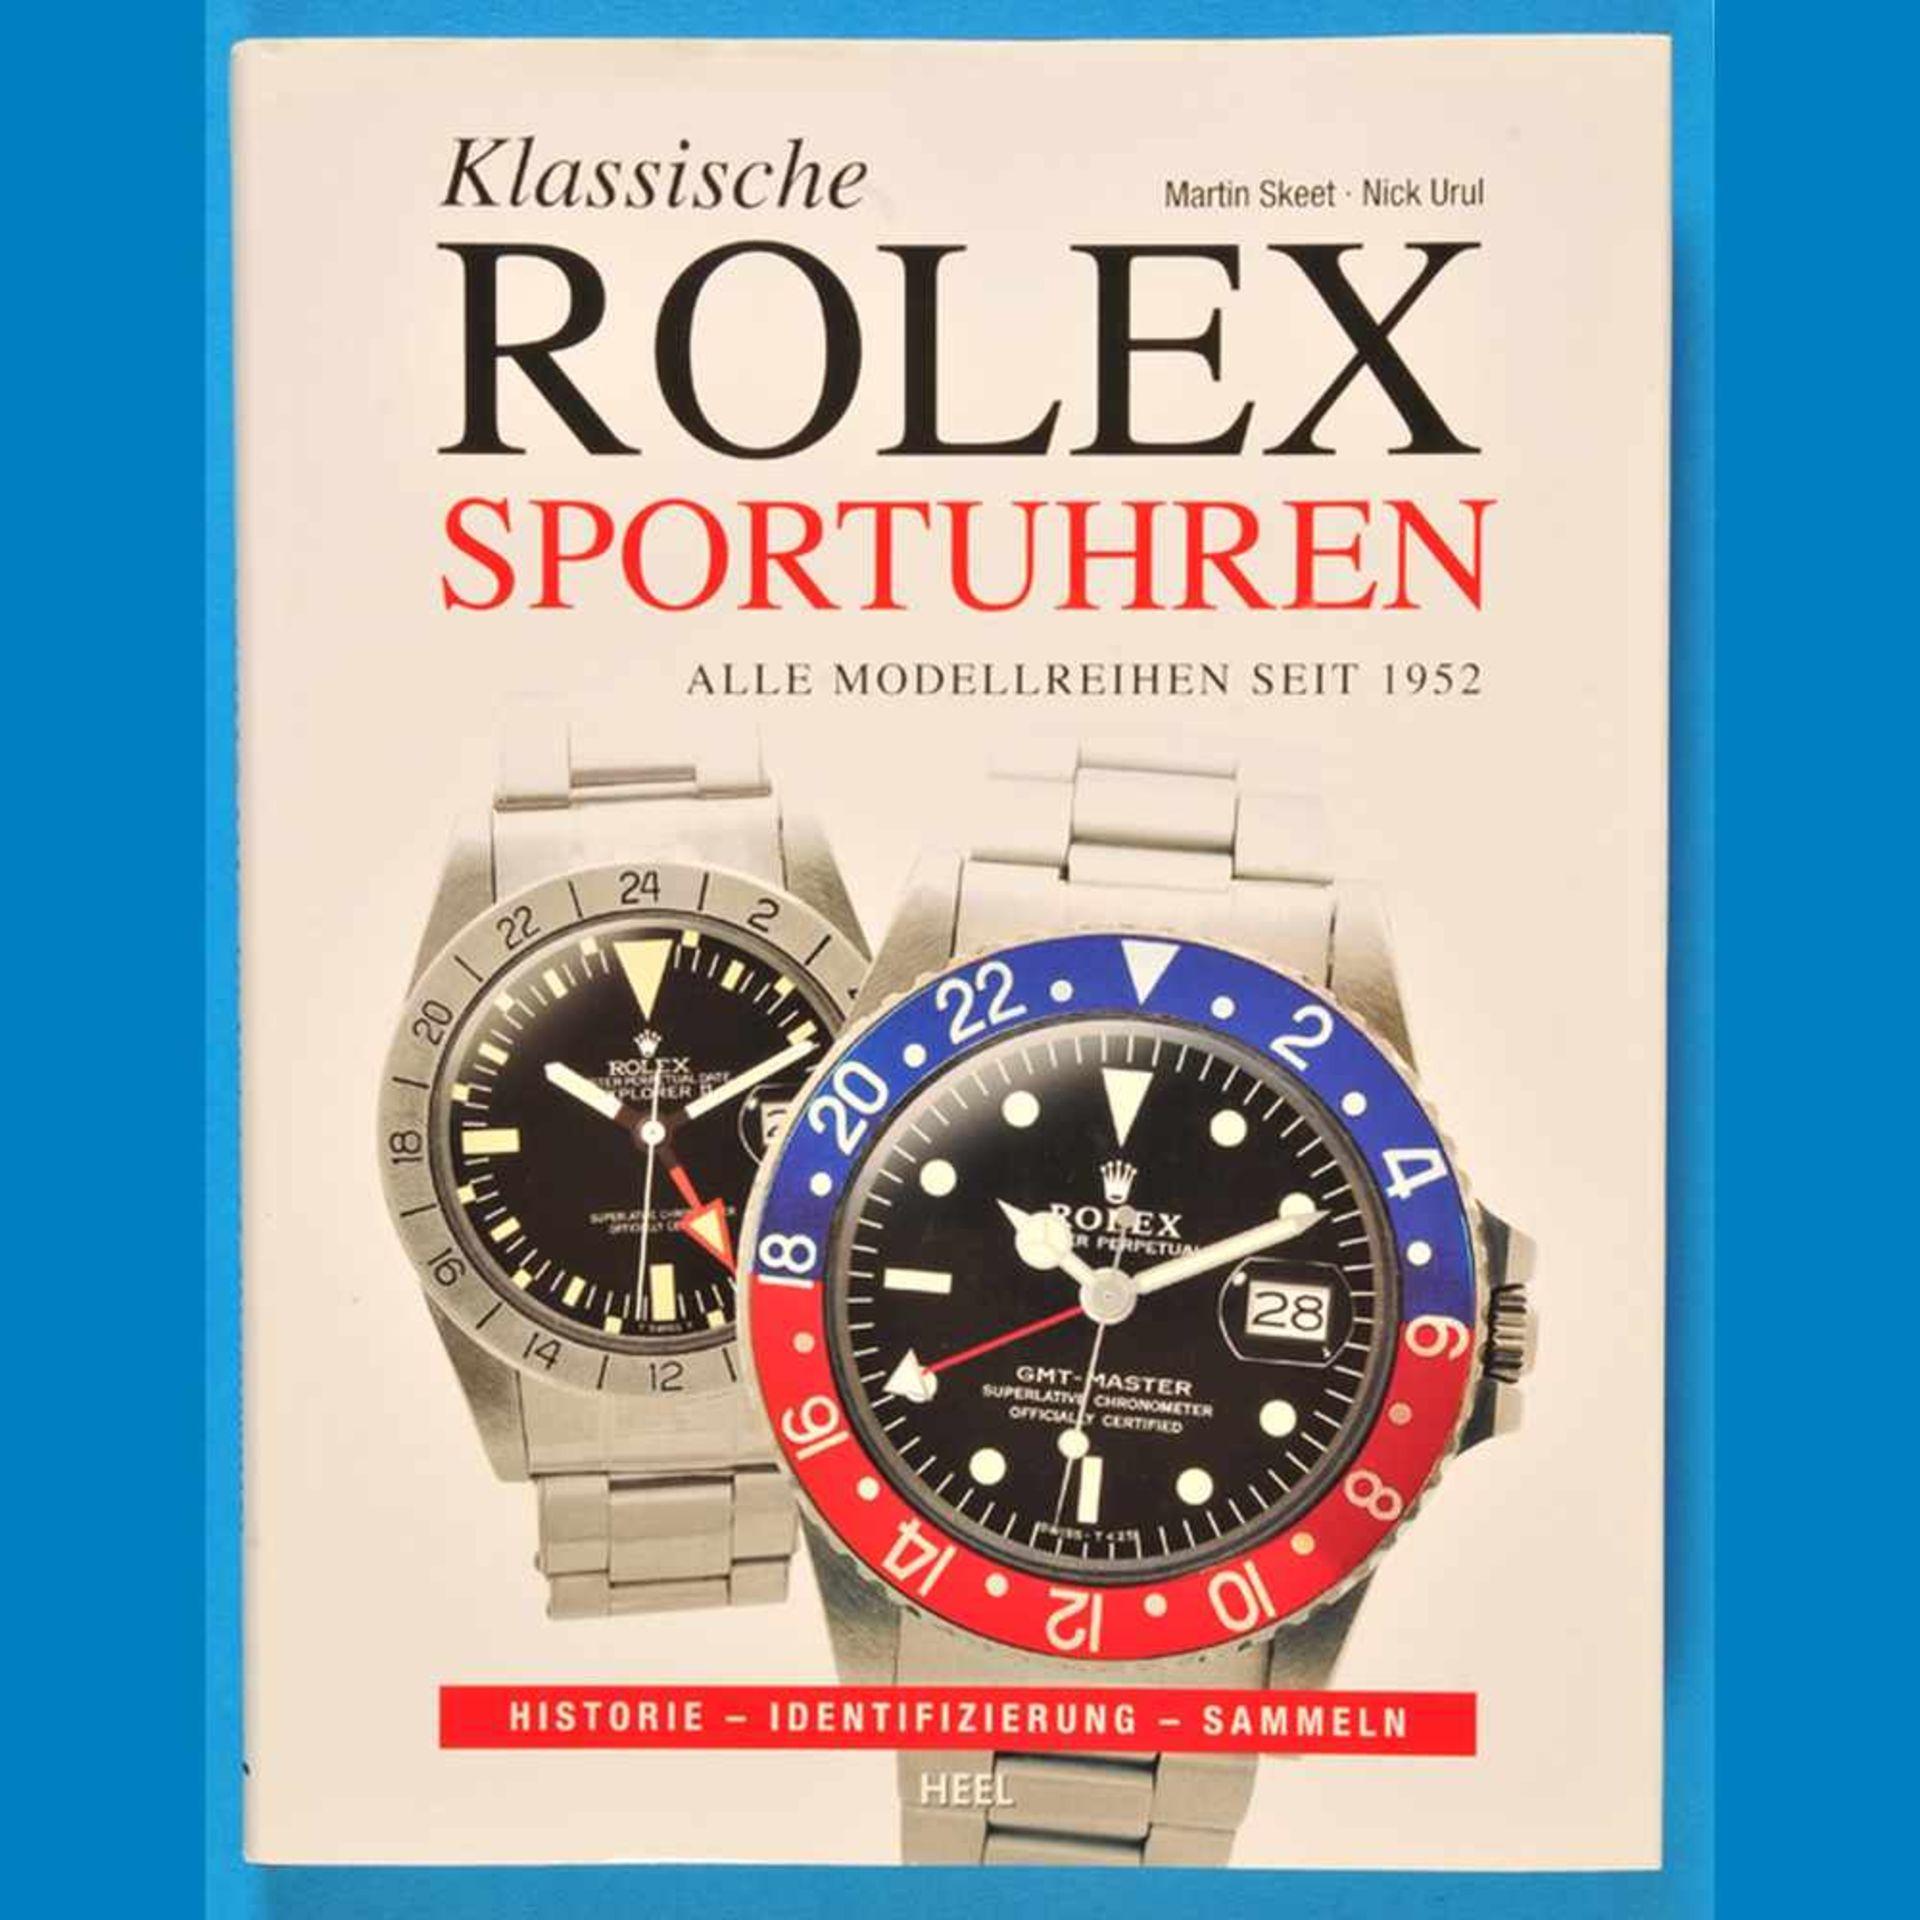 Skeet, Urul, Klassische Rolex Sportuhren, Alle Modellreihen seit 1952, 2011Skeet, Urul, Kla